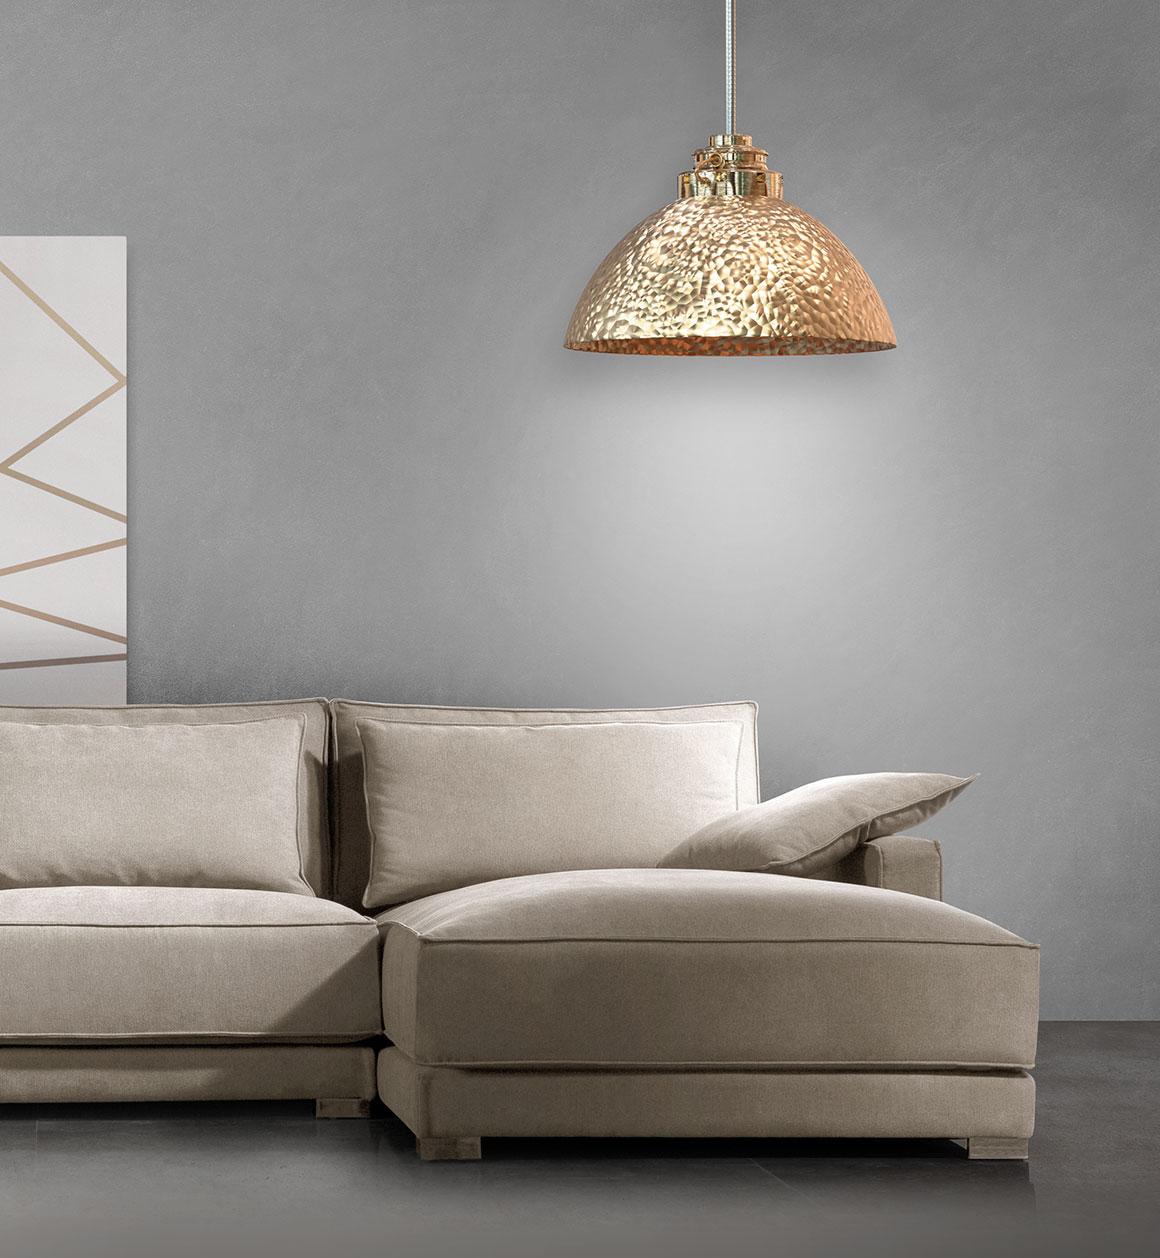 Misma imagen que la anterior. Cogiendo el detalle de la parte del chaiselonge que tiene la lámpara en la parte superior iluminando el asiento y el cojín